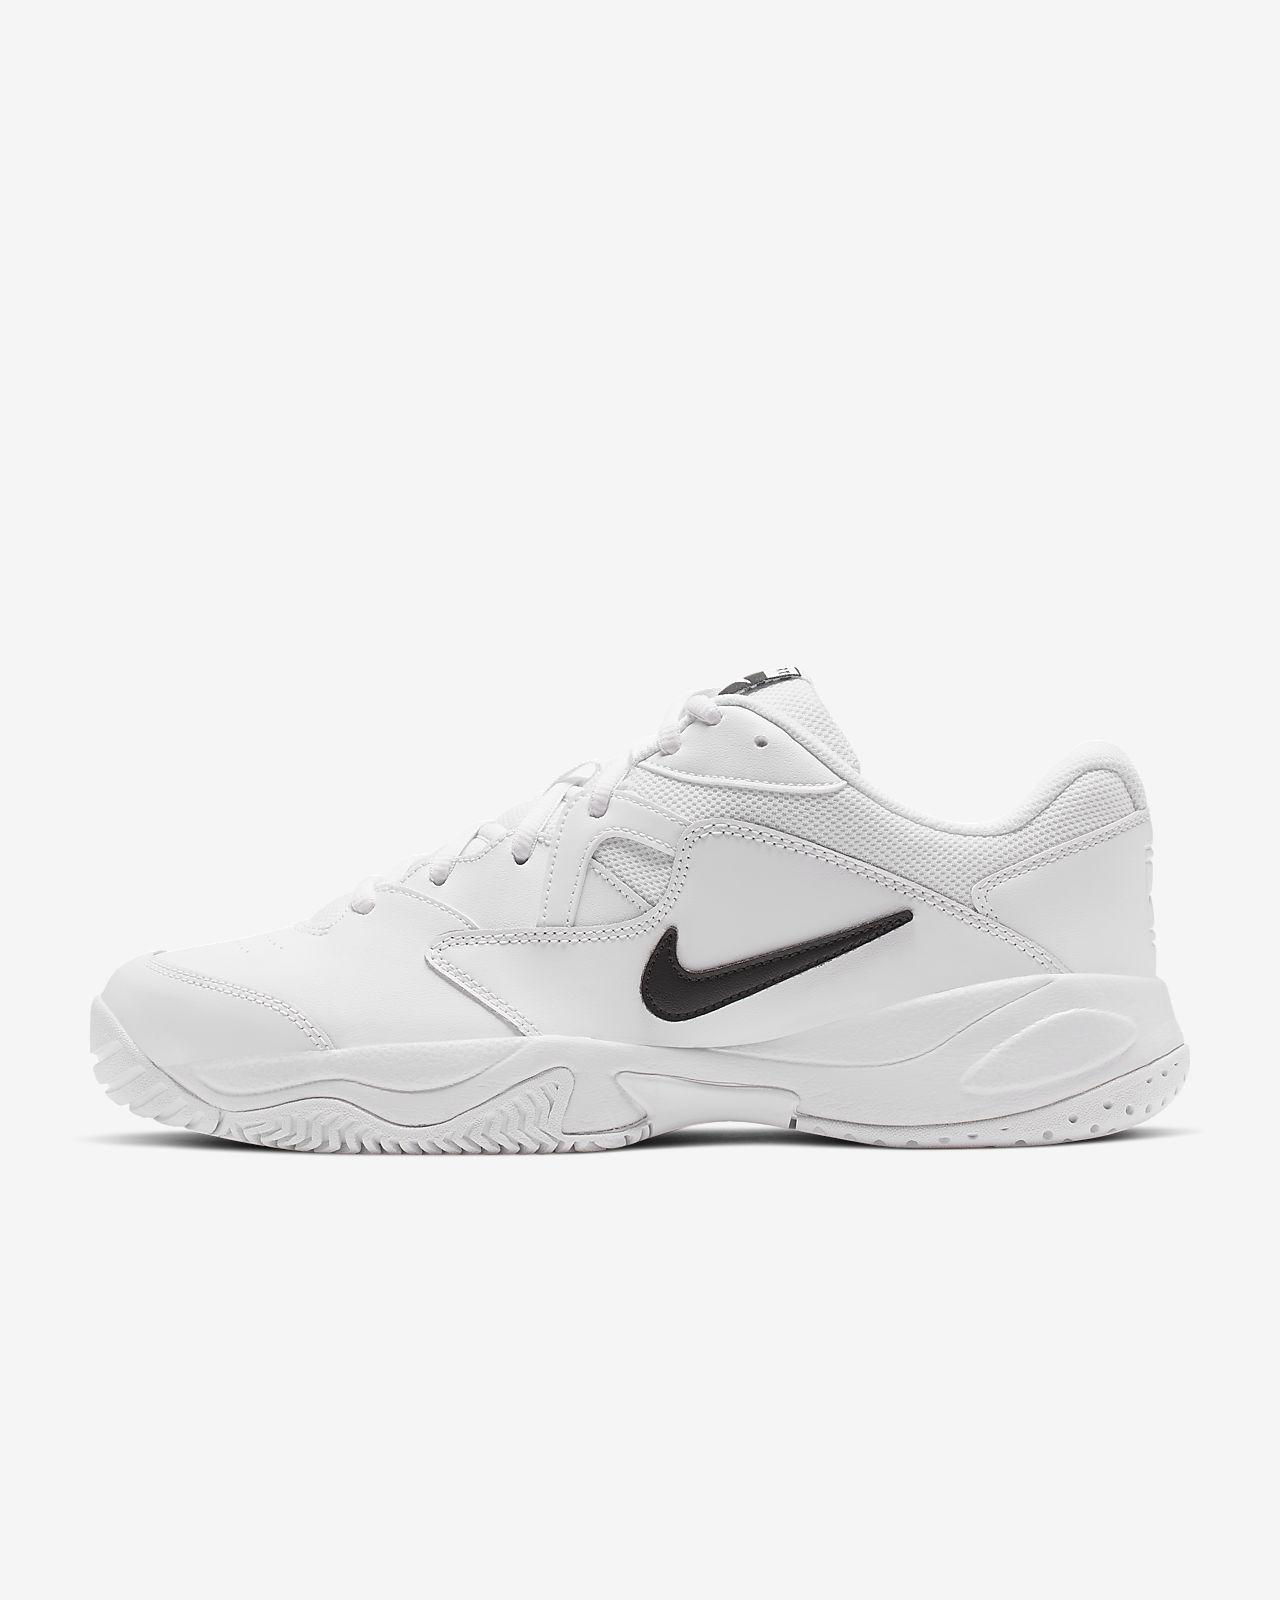 NikeCourt Lite 2 Sert Kort Erkek Tenis Ayakkabısı